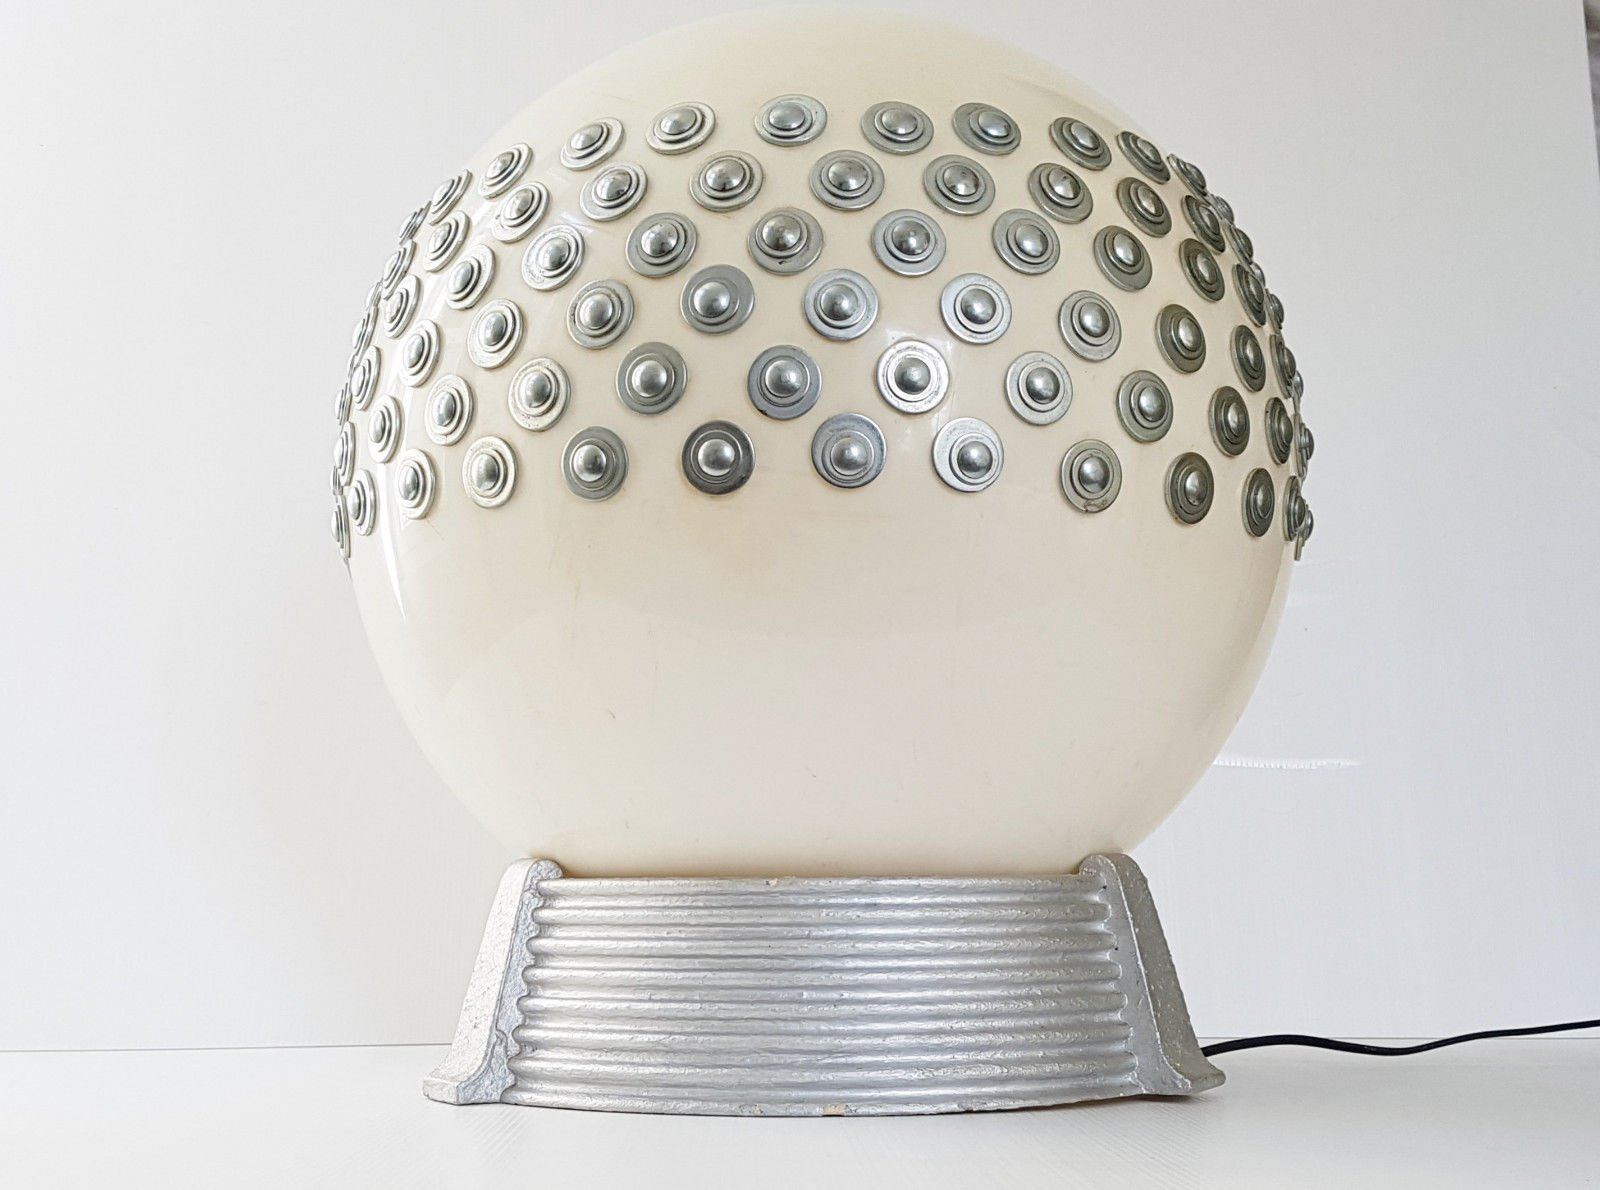 Space Age Kugellampe aus Plexiglas & Gips von Maison Arlus, 1970er